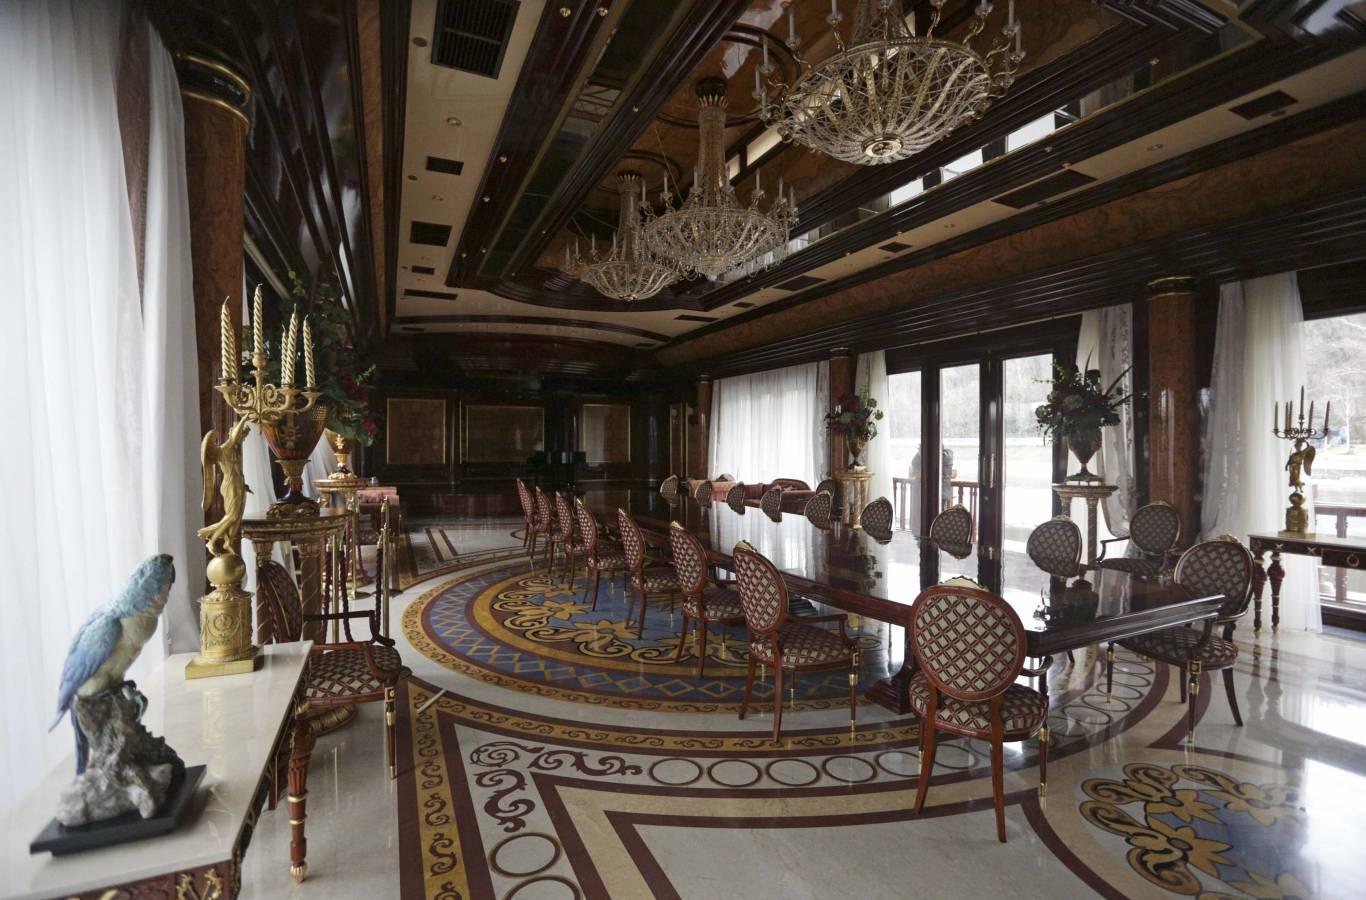 Тур вихідного дня до Межигір'я (музей корупції)